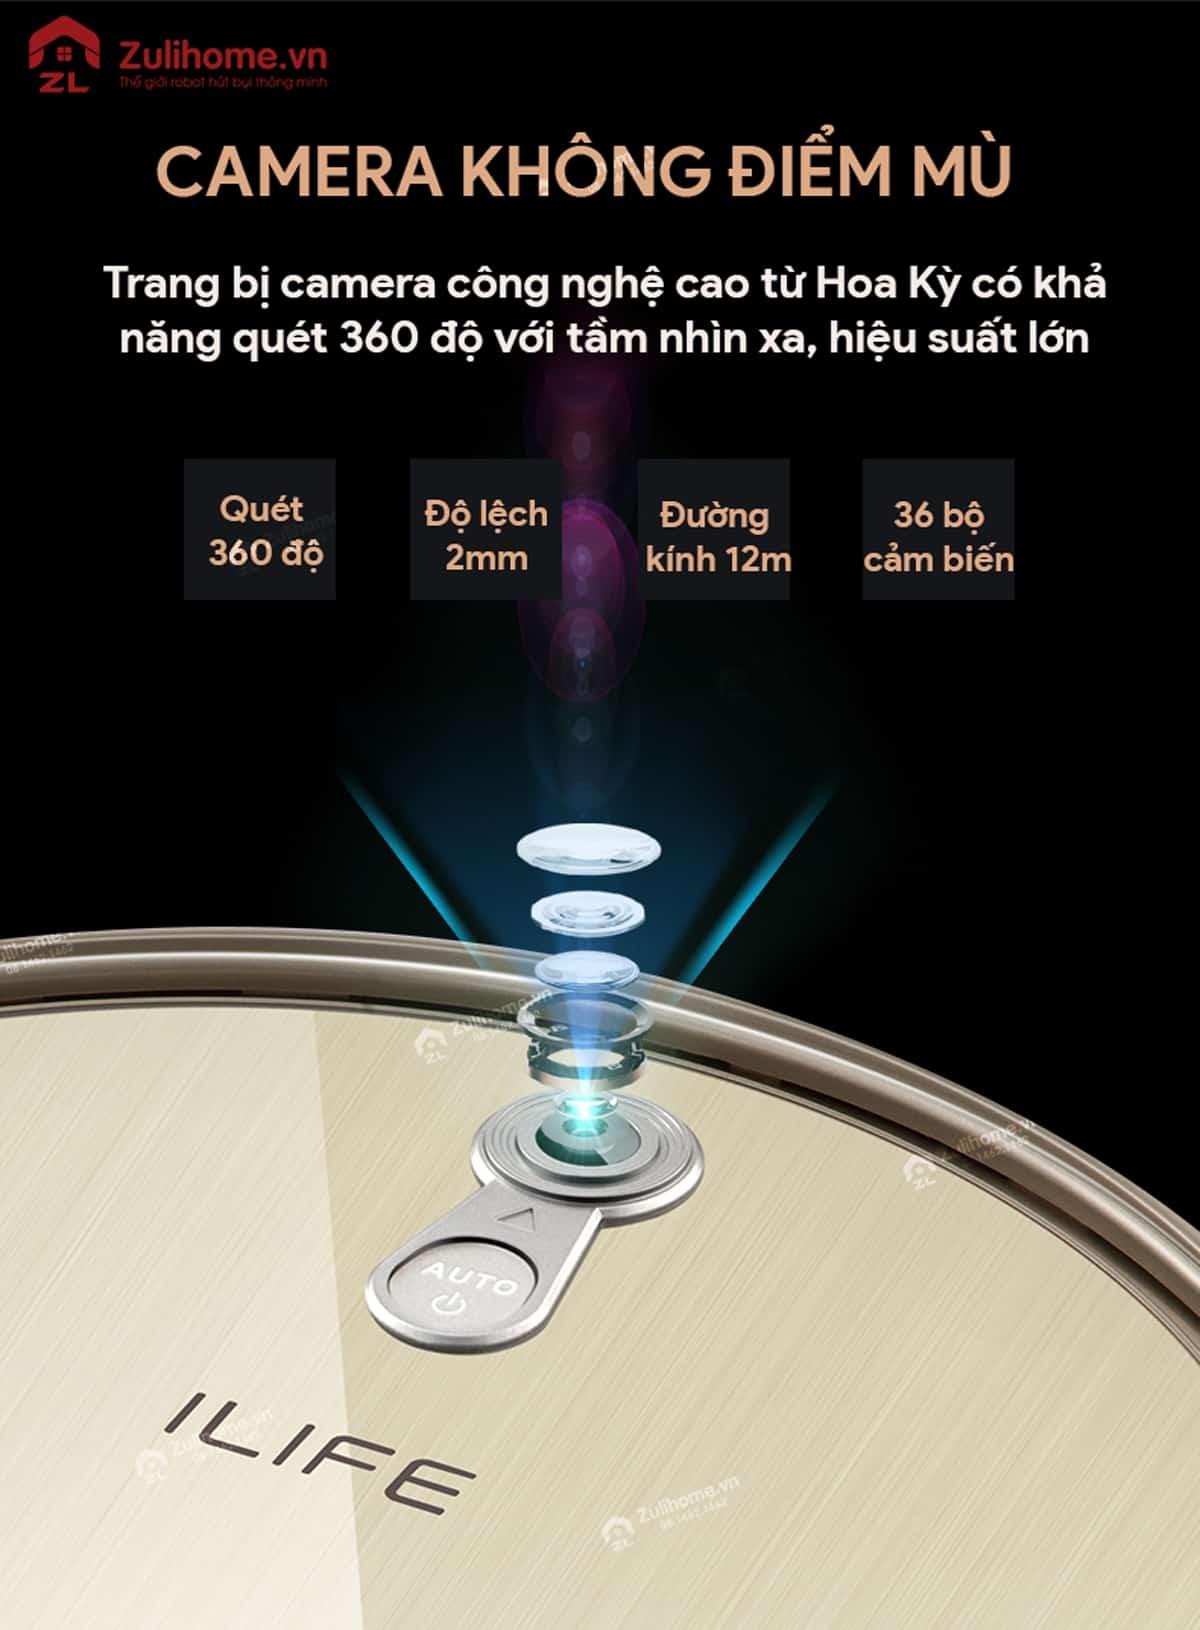 ILIFE X661 | Camera không điểm mù